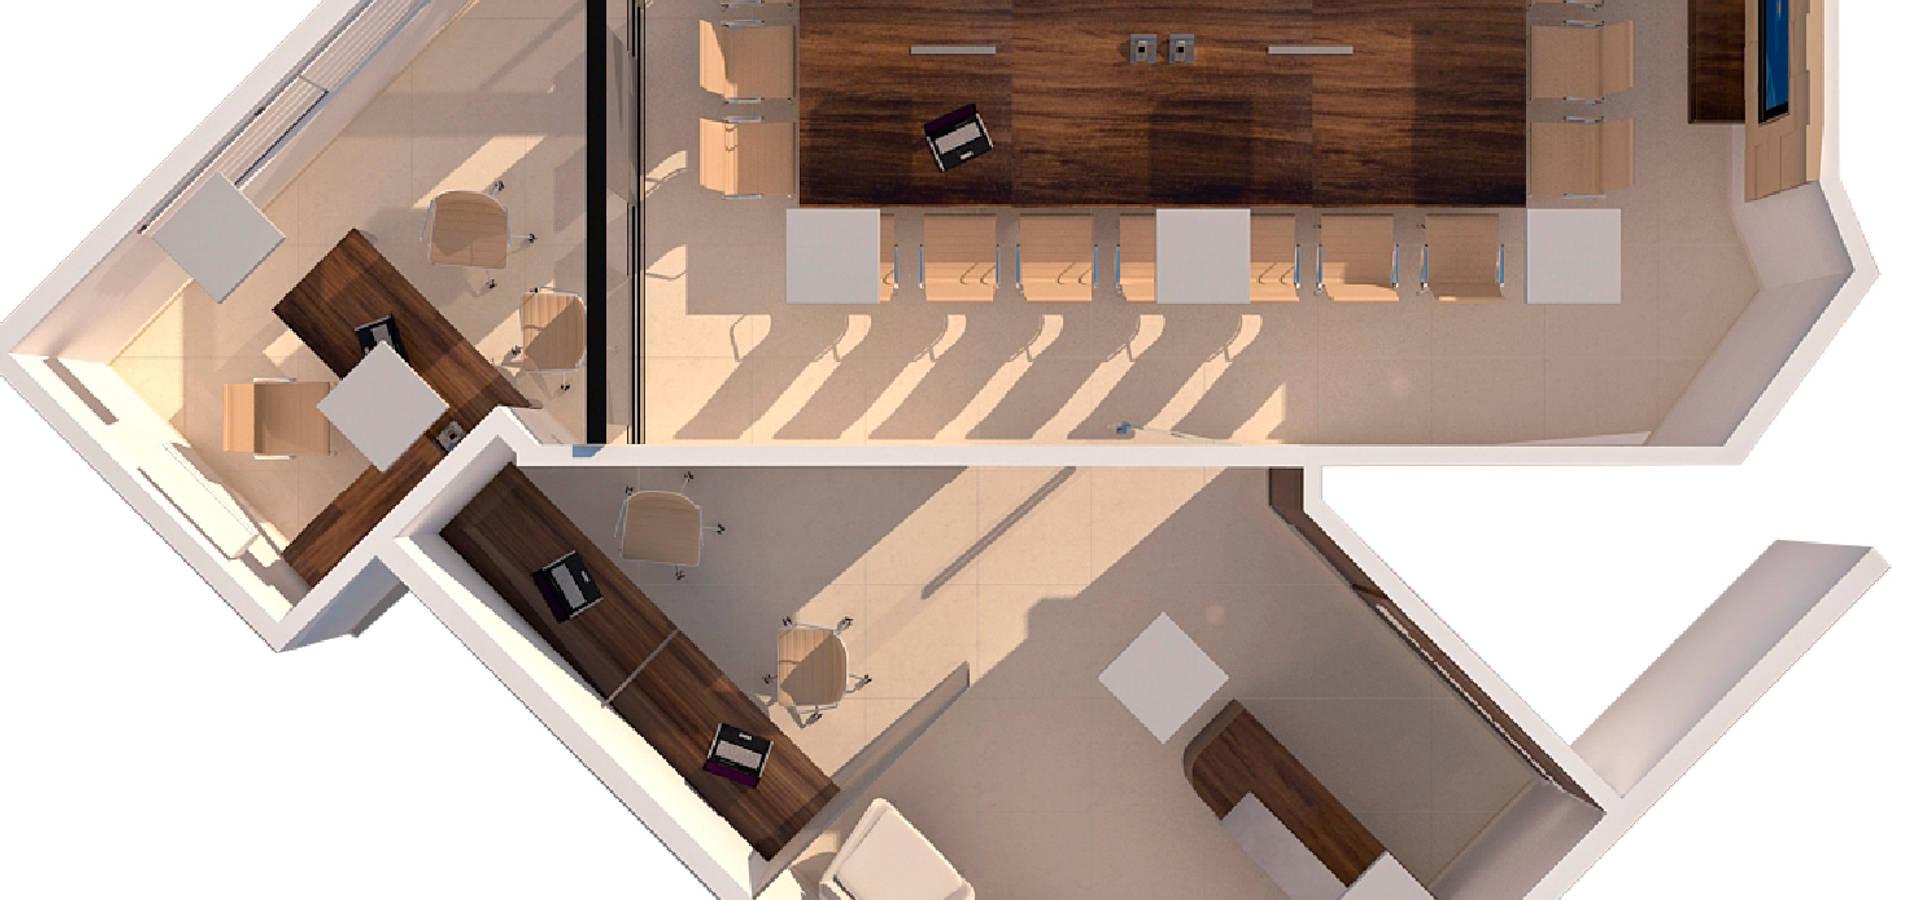 Fiallo Design Studio